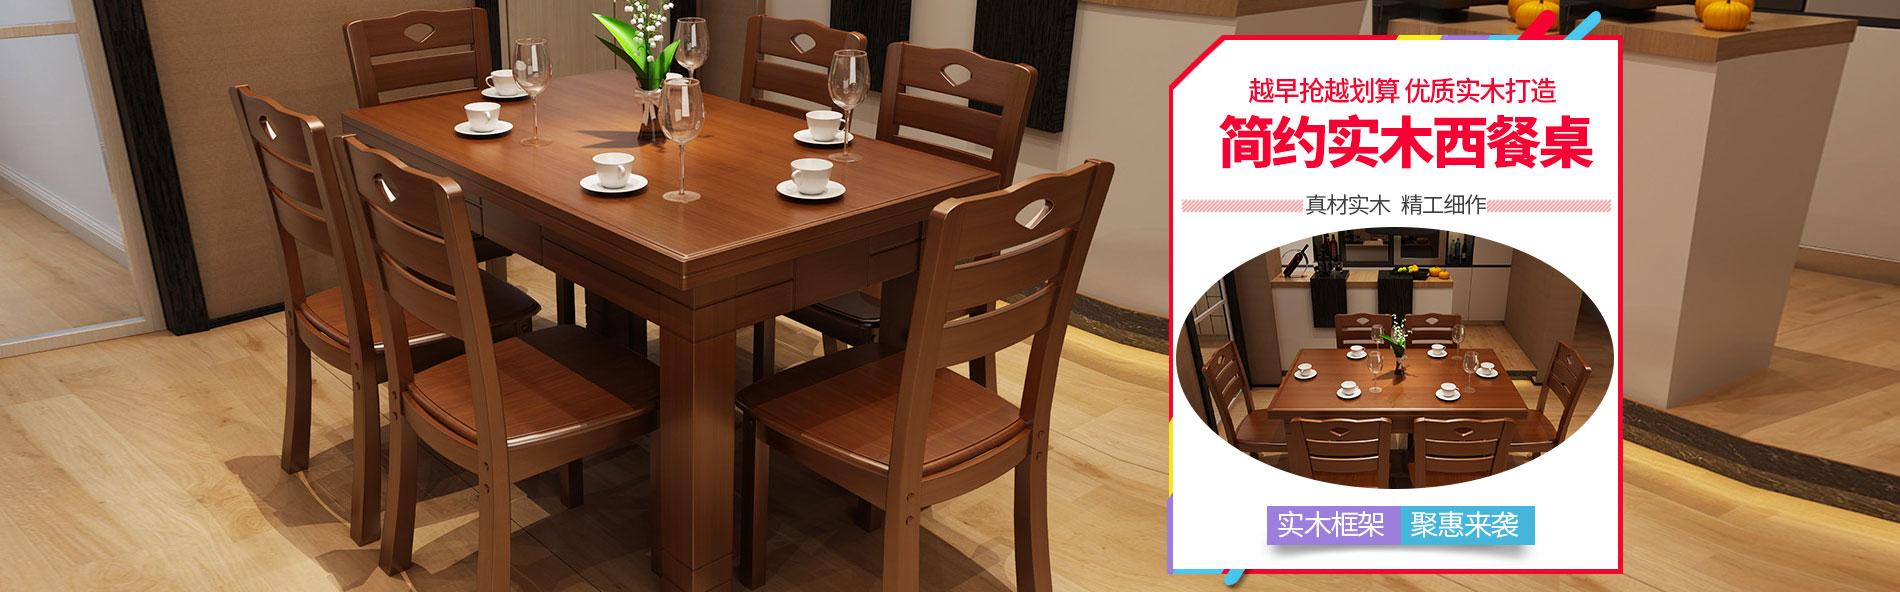 西餐厅家具-餐厅ballbet贝博注册-河南斯维特家具